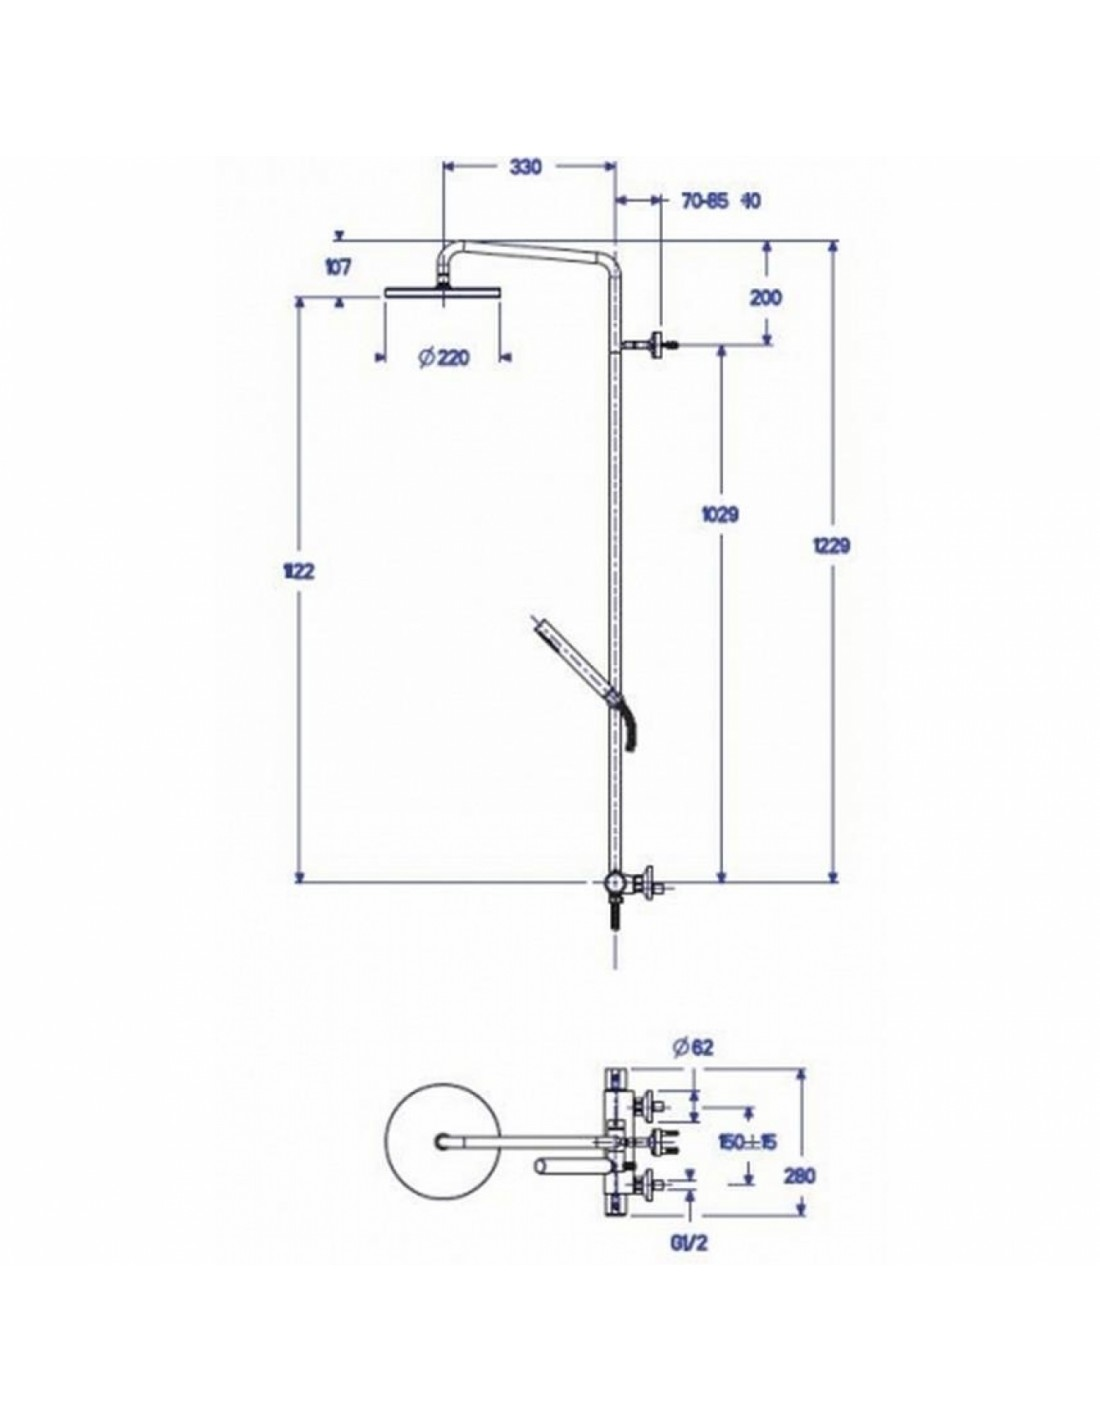 plans et dimensions colonne de douche theta confort de la marque de robinetterie cristina. Black Bedroom Furniture Sets. Home Design Ideas